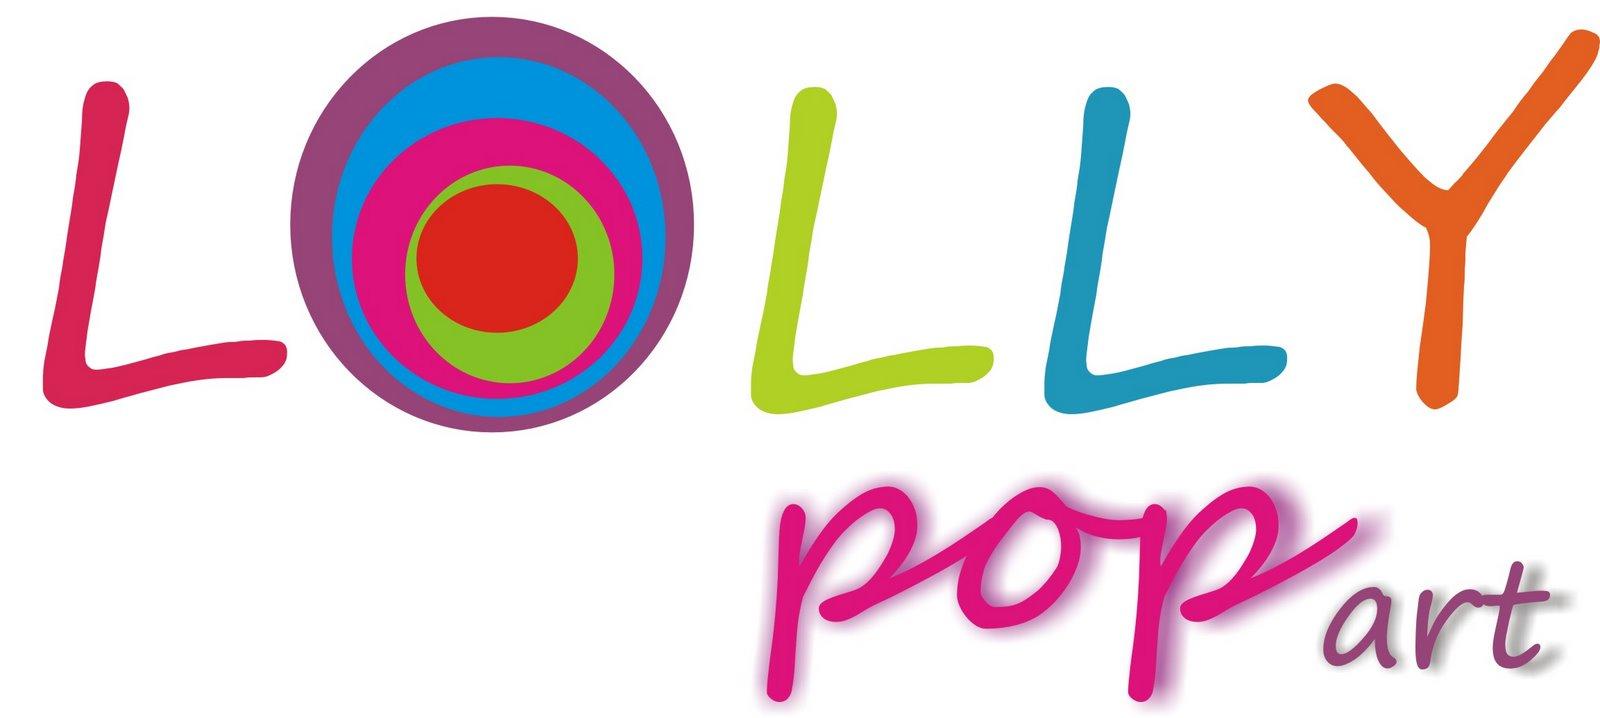 Lollypop art